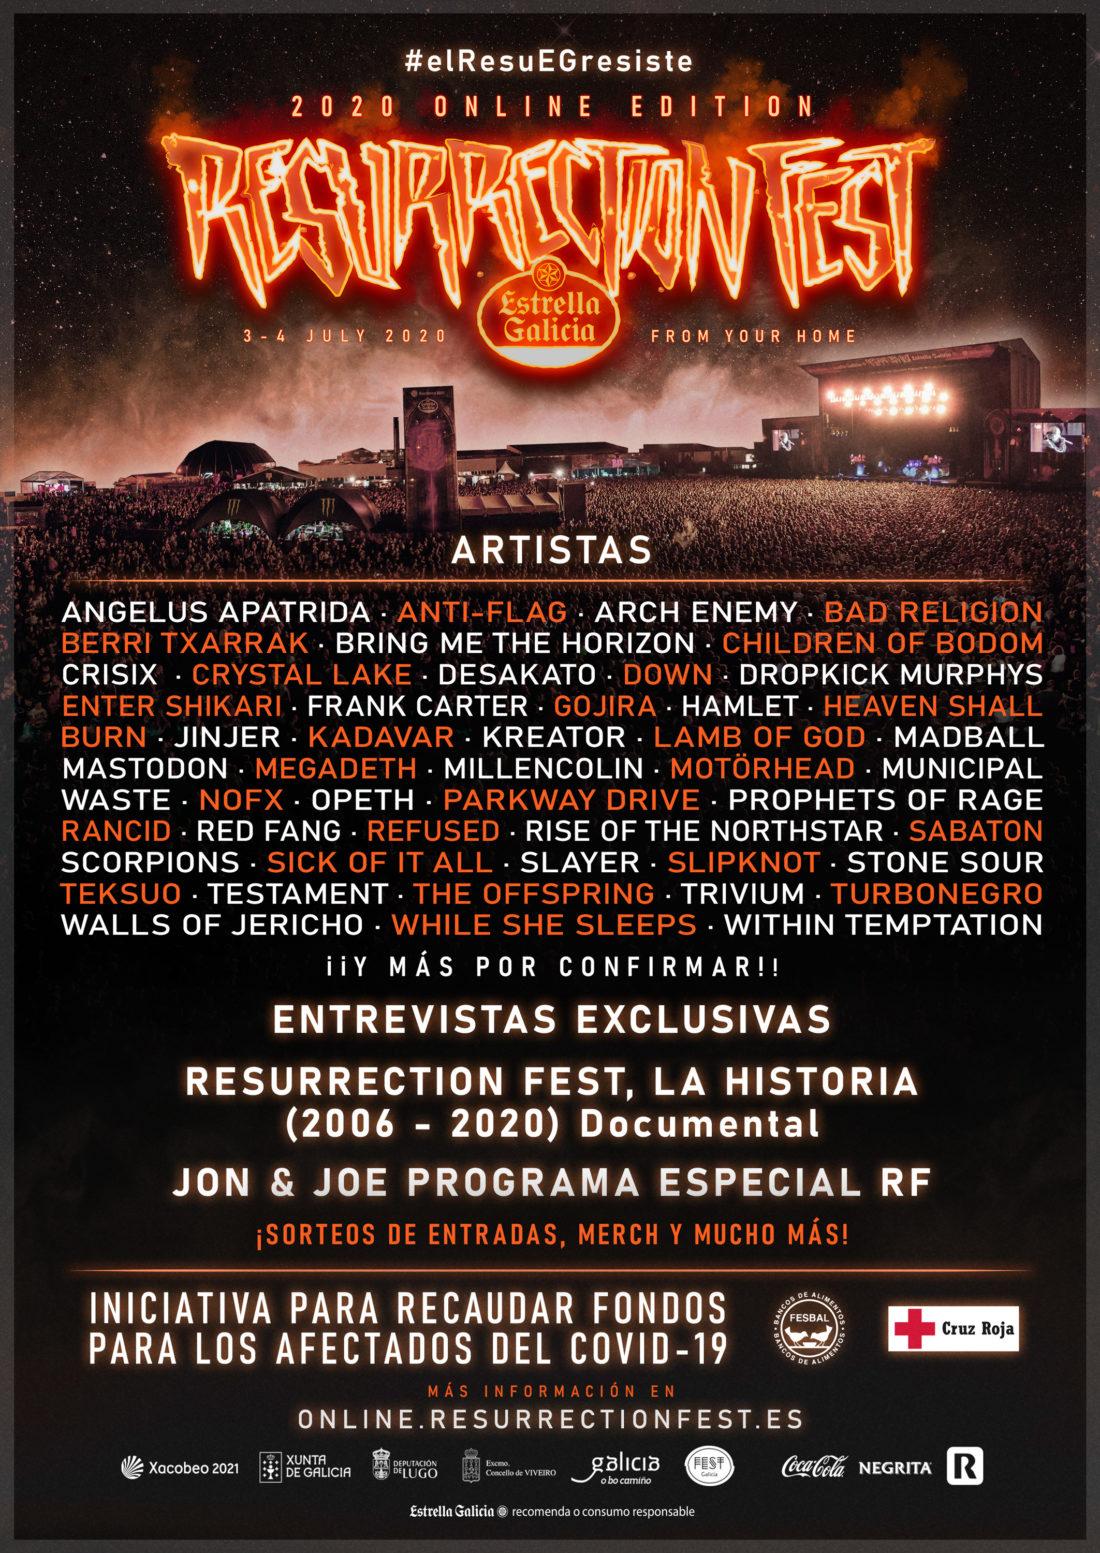 Programación del Resurrection Fest Estrella Galicia Online